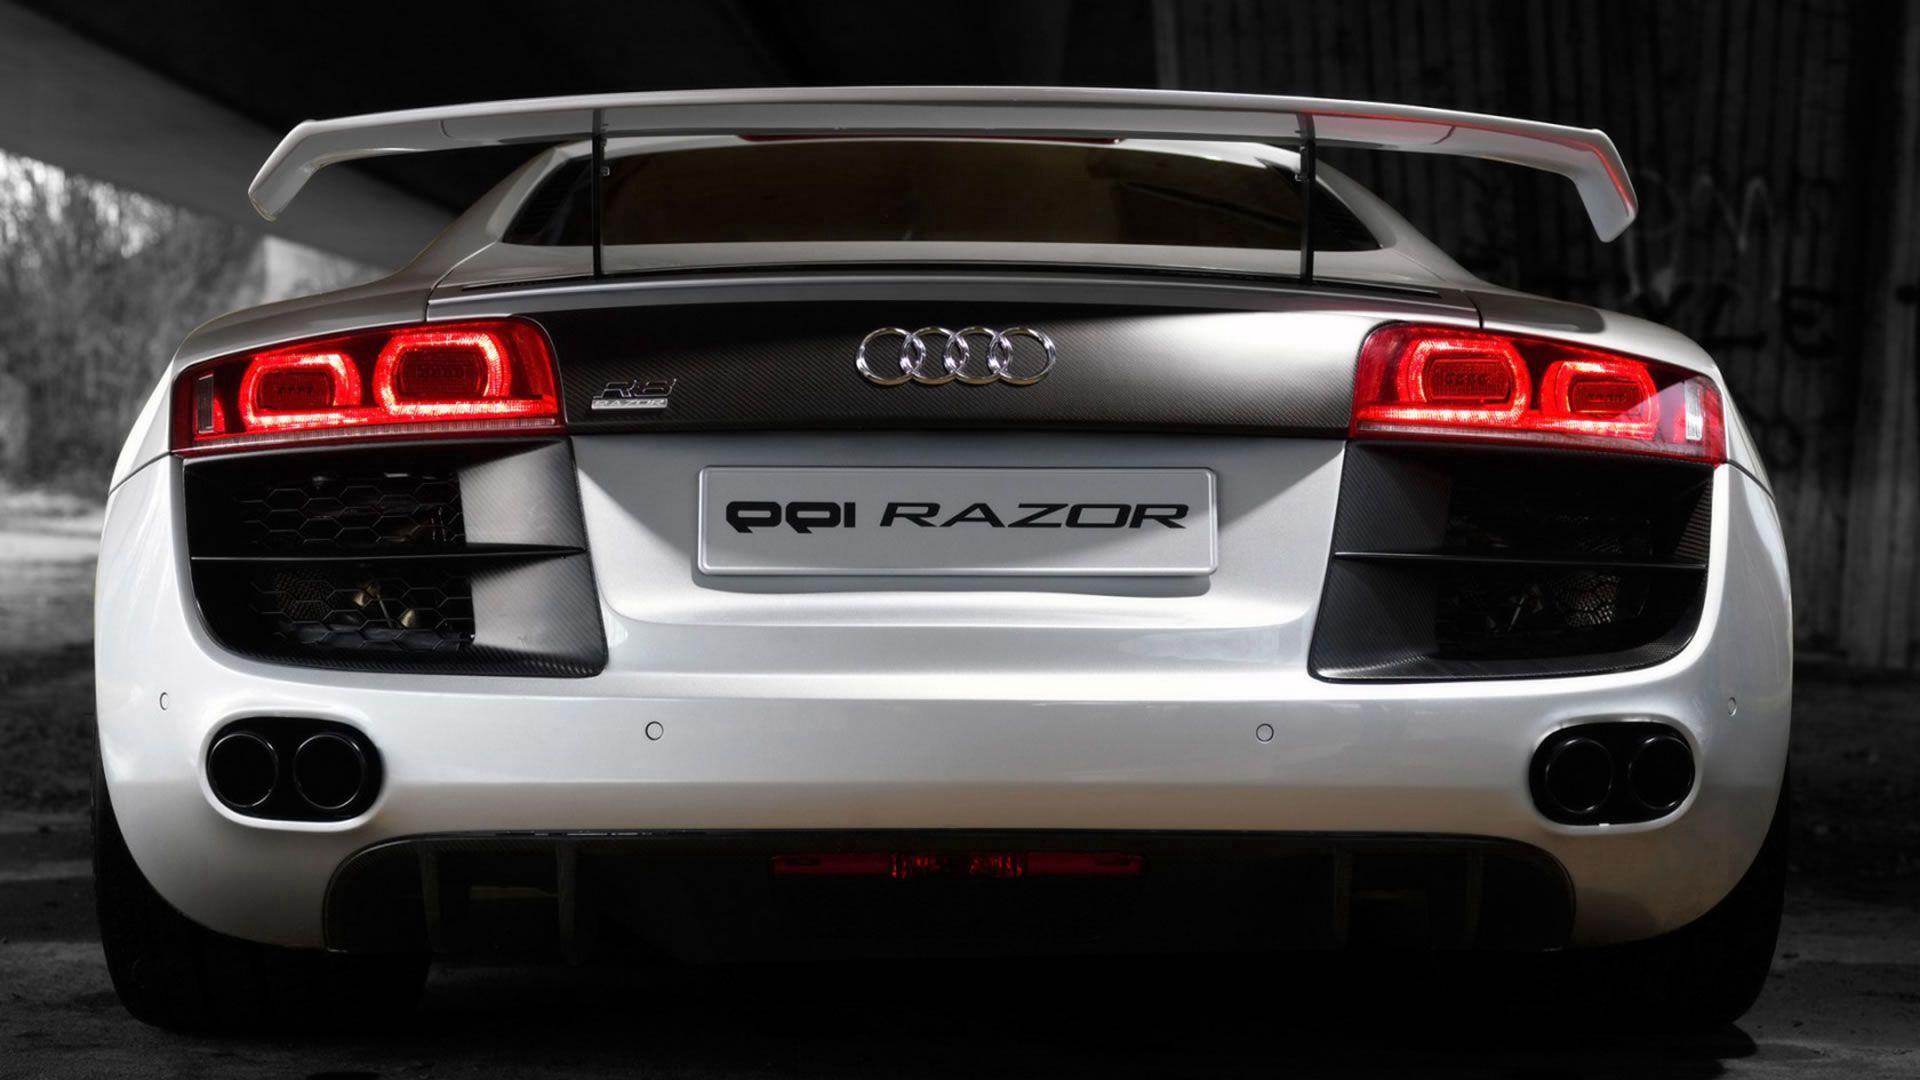 122540 Hintergrundbild herunterladen Auto, Audi, Cars, Symbole, Zeichen, Wagen, R8, Luxus - Bildschirmschoner und Bilder kostenlos